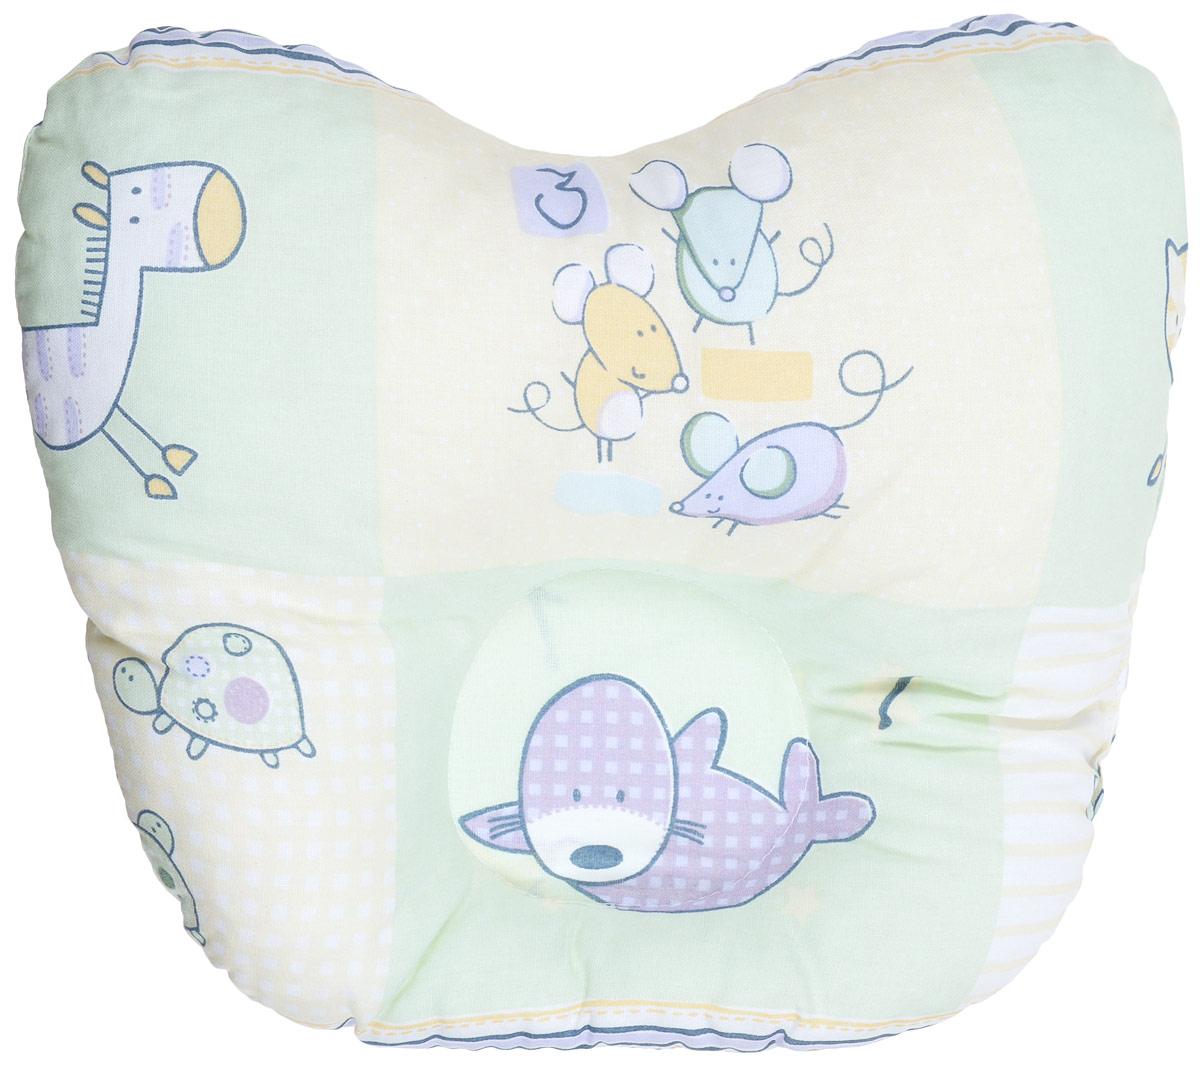 Сонный гномик Подушка анатомическая для младенцев Мыши, птицы, ежики 27 х 27 см555А_салатовый, бежевыйАнатомическая подушка для младенцев Сонный гномик Мыши, птицы, ежики изготовлена из бязи - 100% хлопка. Наполнитель - синтепон в гранулах (100% полиэстер).Подушка компактна и удобна для пеленания малыша и кормления на руках, она также незаменима для сна ребенка в кроватке и комфортна для использования в коляске на прогулке. Углубление в подушке фиксирует правильное положение головы ребенка.Подушка помогает правильному формированию шейного отдела позвоночника.